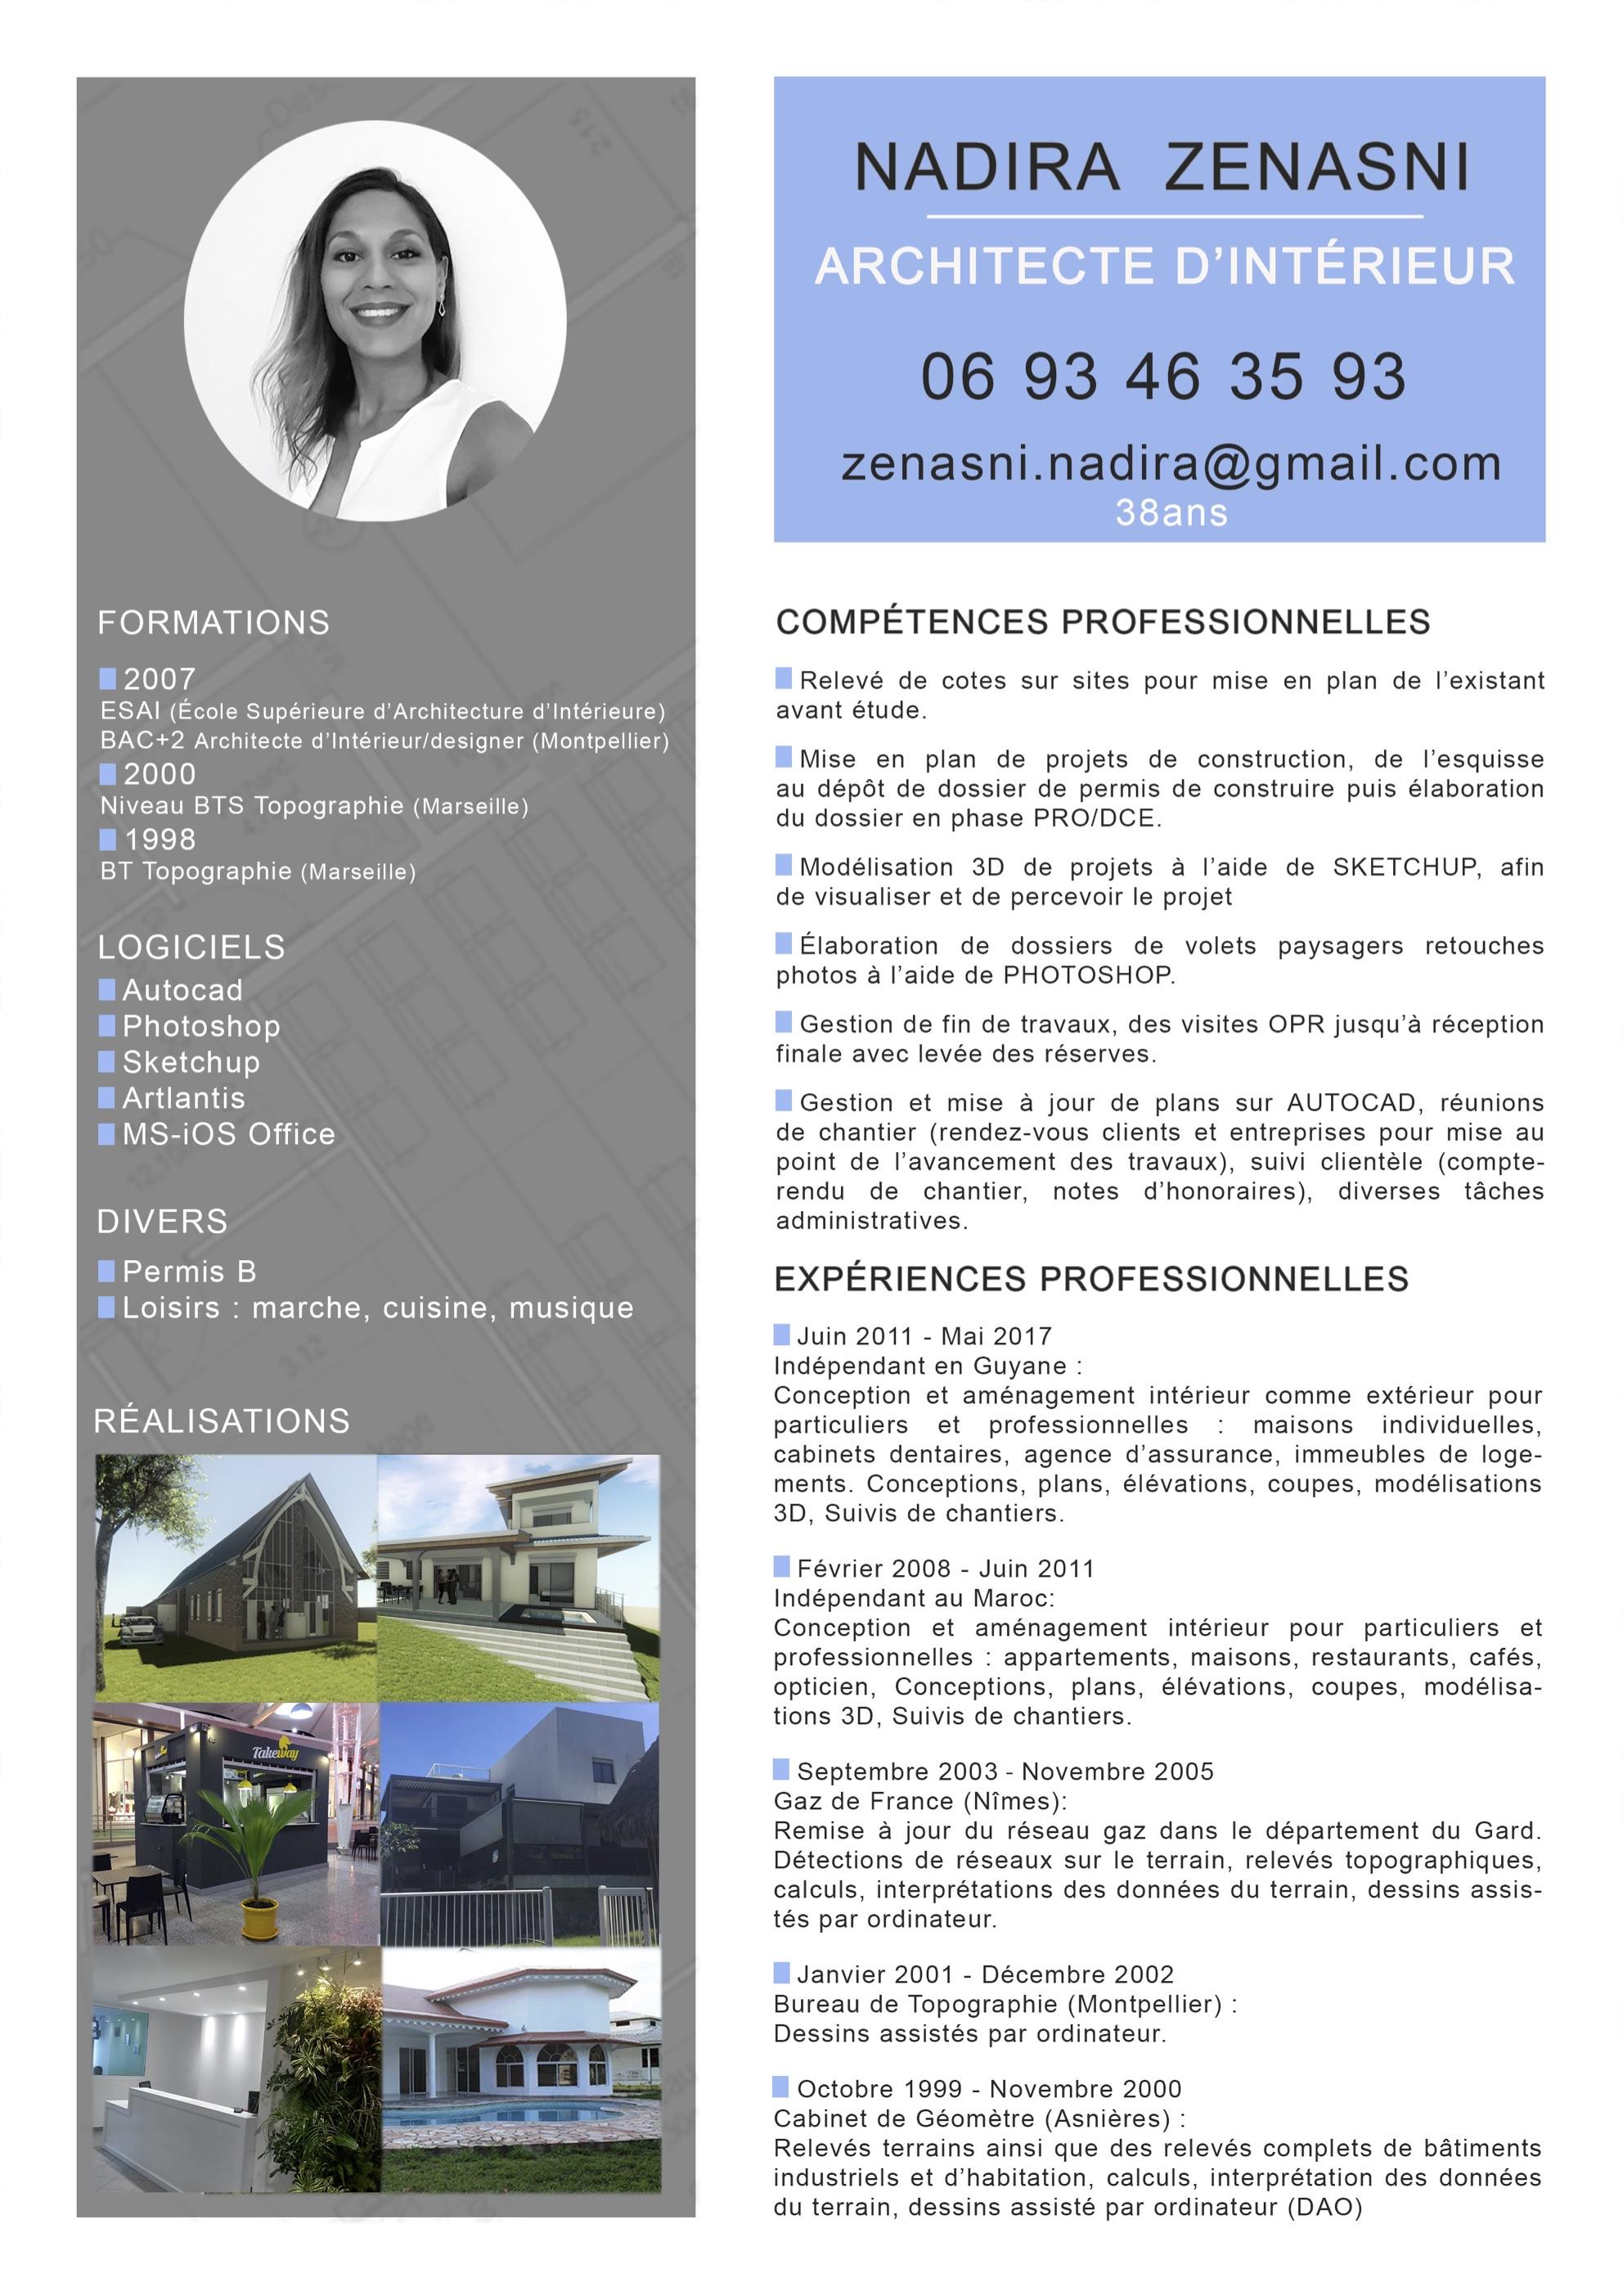 architecte d u2019int u00e9rieur cherche poste en agence  u2013 archi re